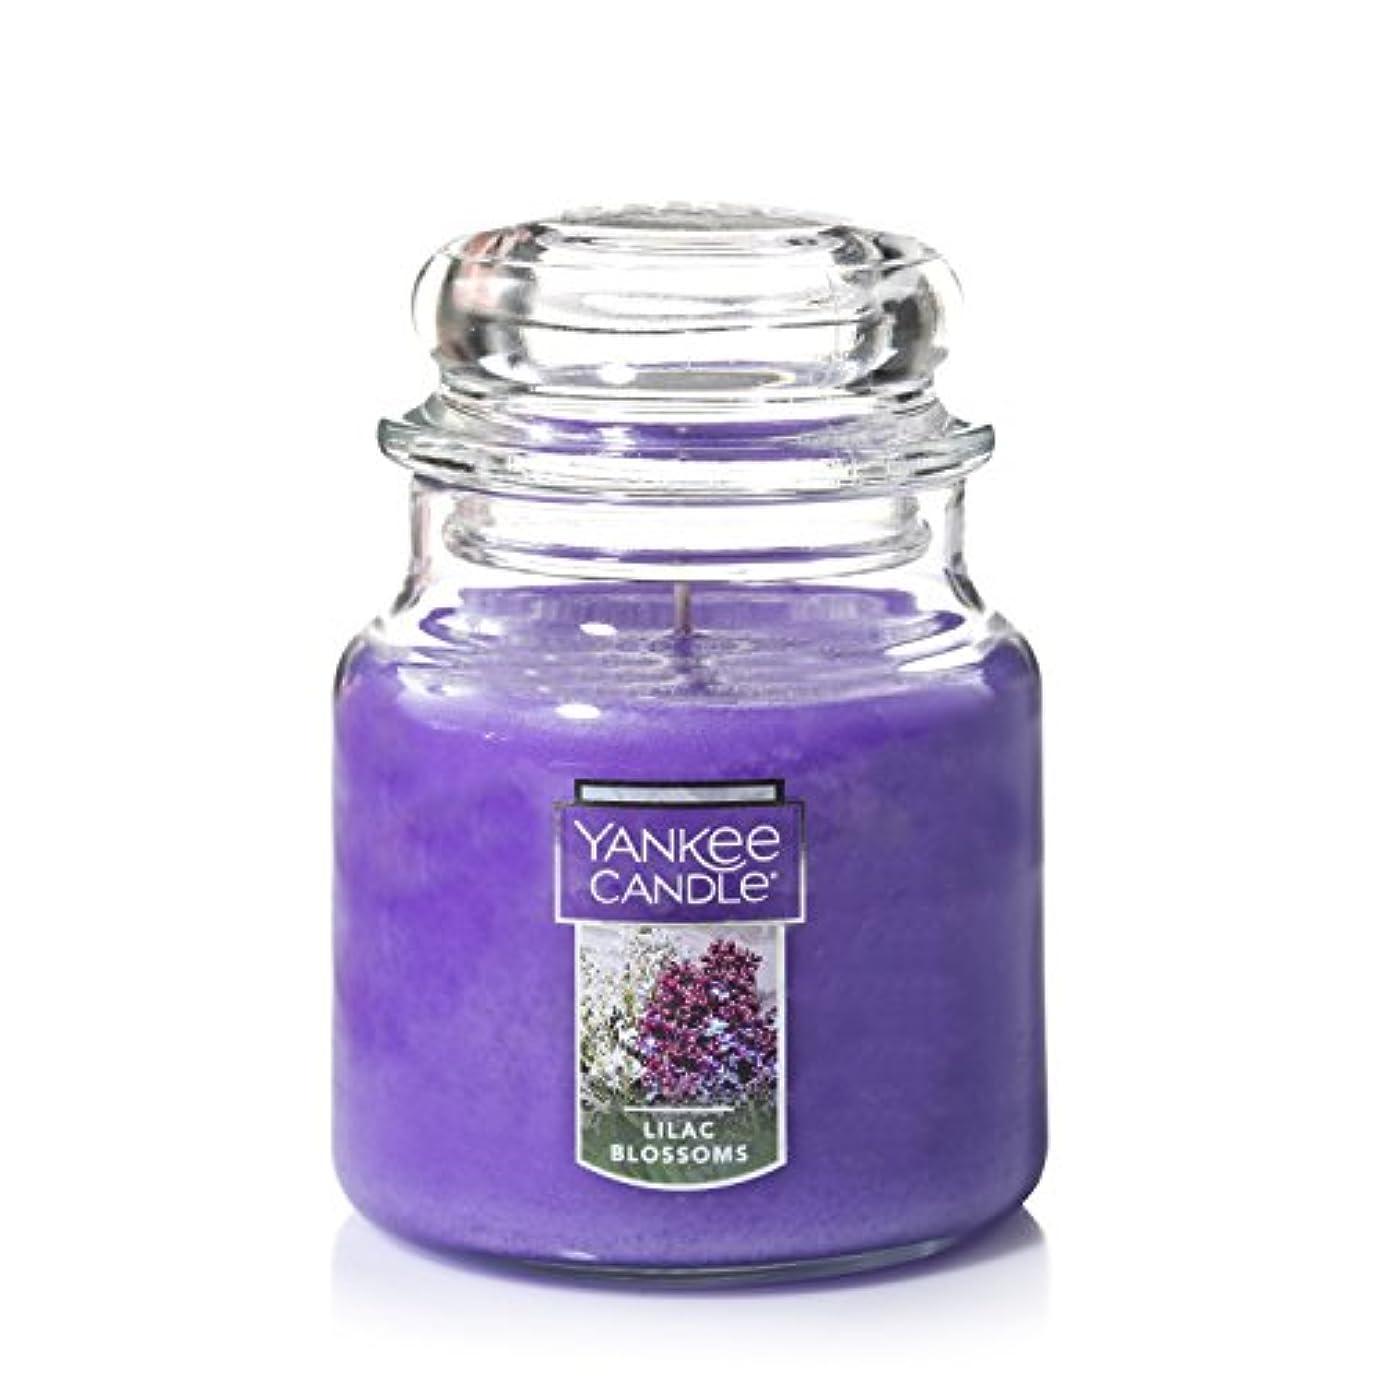 器官メイン広々Yankee CandleライラックBlossoms Medium Jar 14.5oz Candle One パープル 1006996